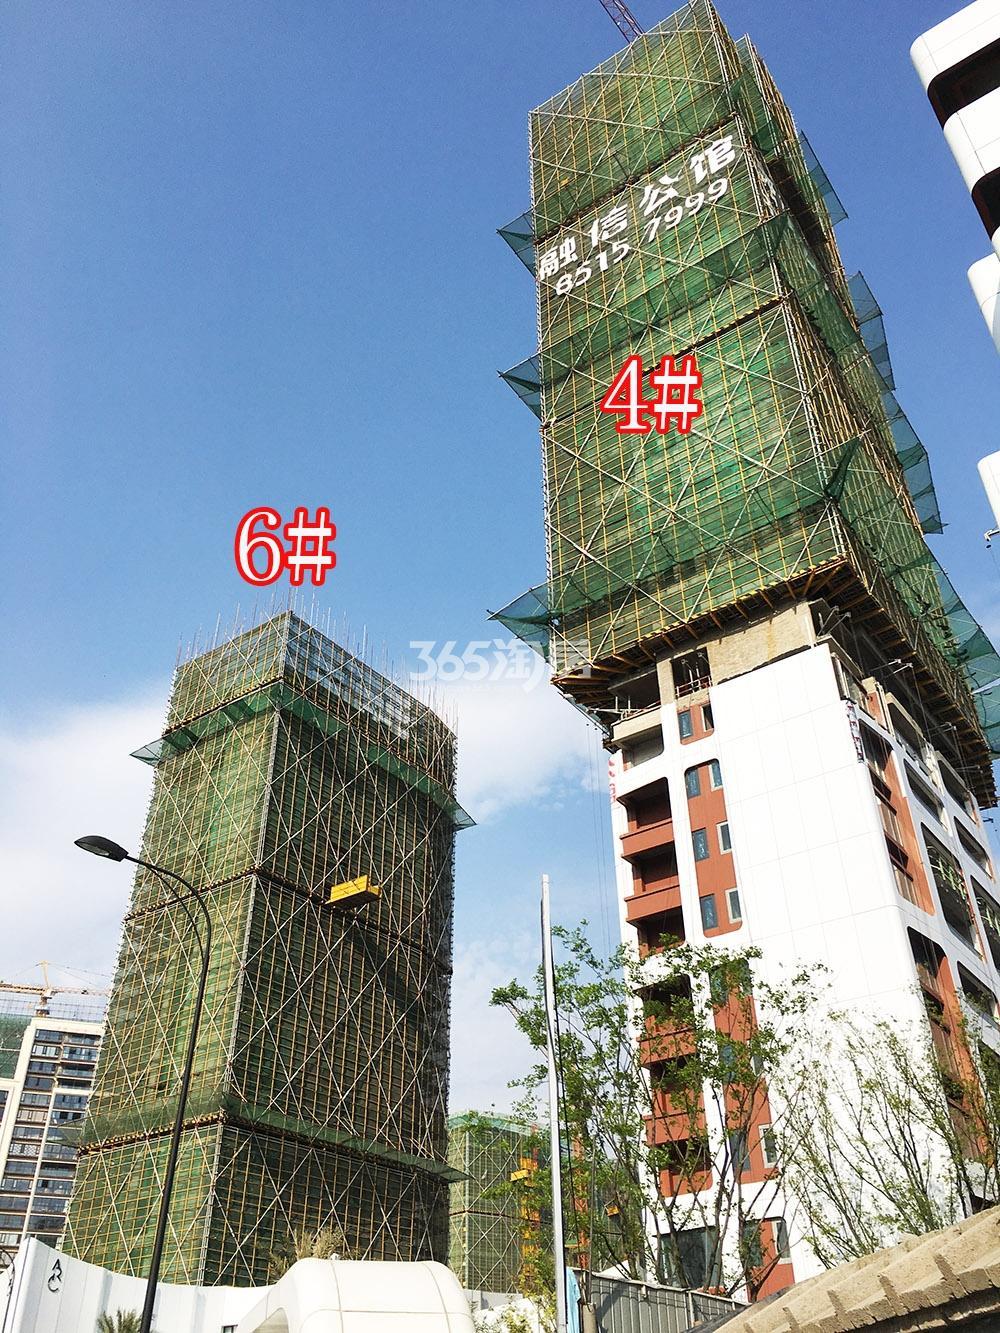 2018年4月初融信公馆ARC项目4、6号楼(地名幢号)实景